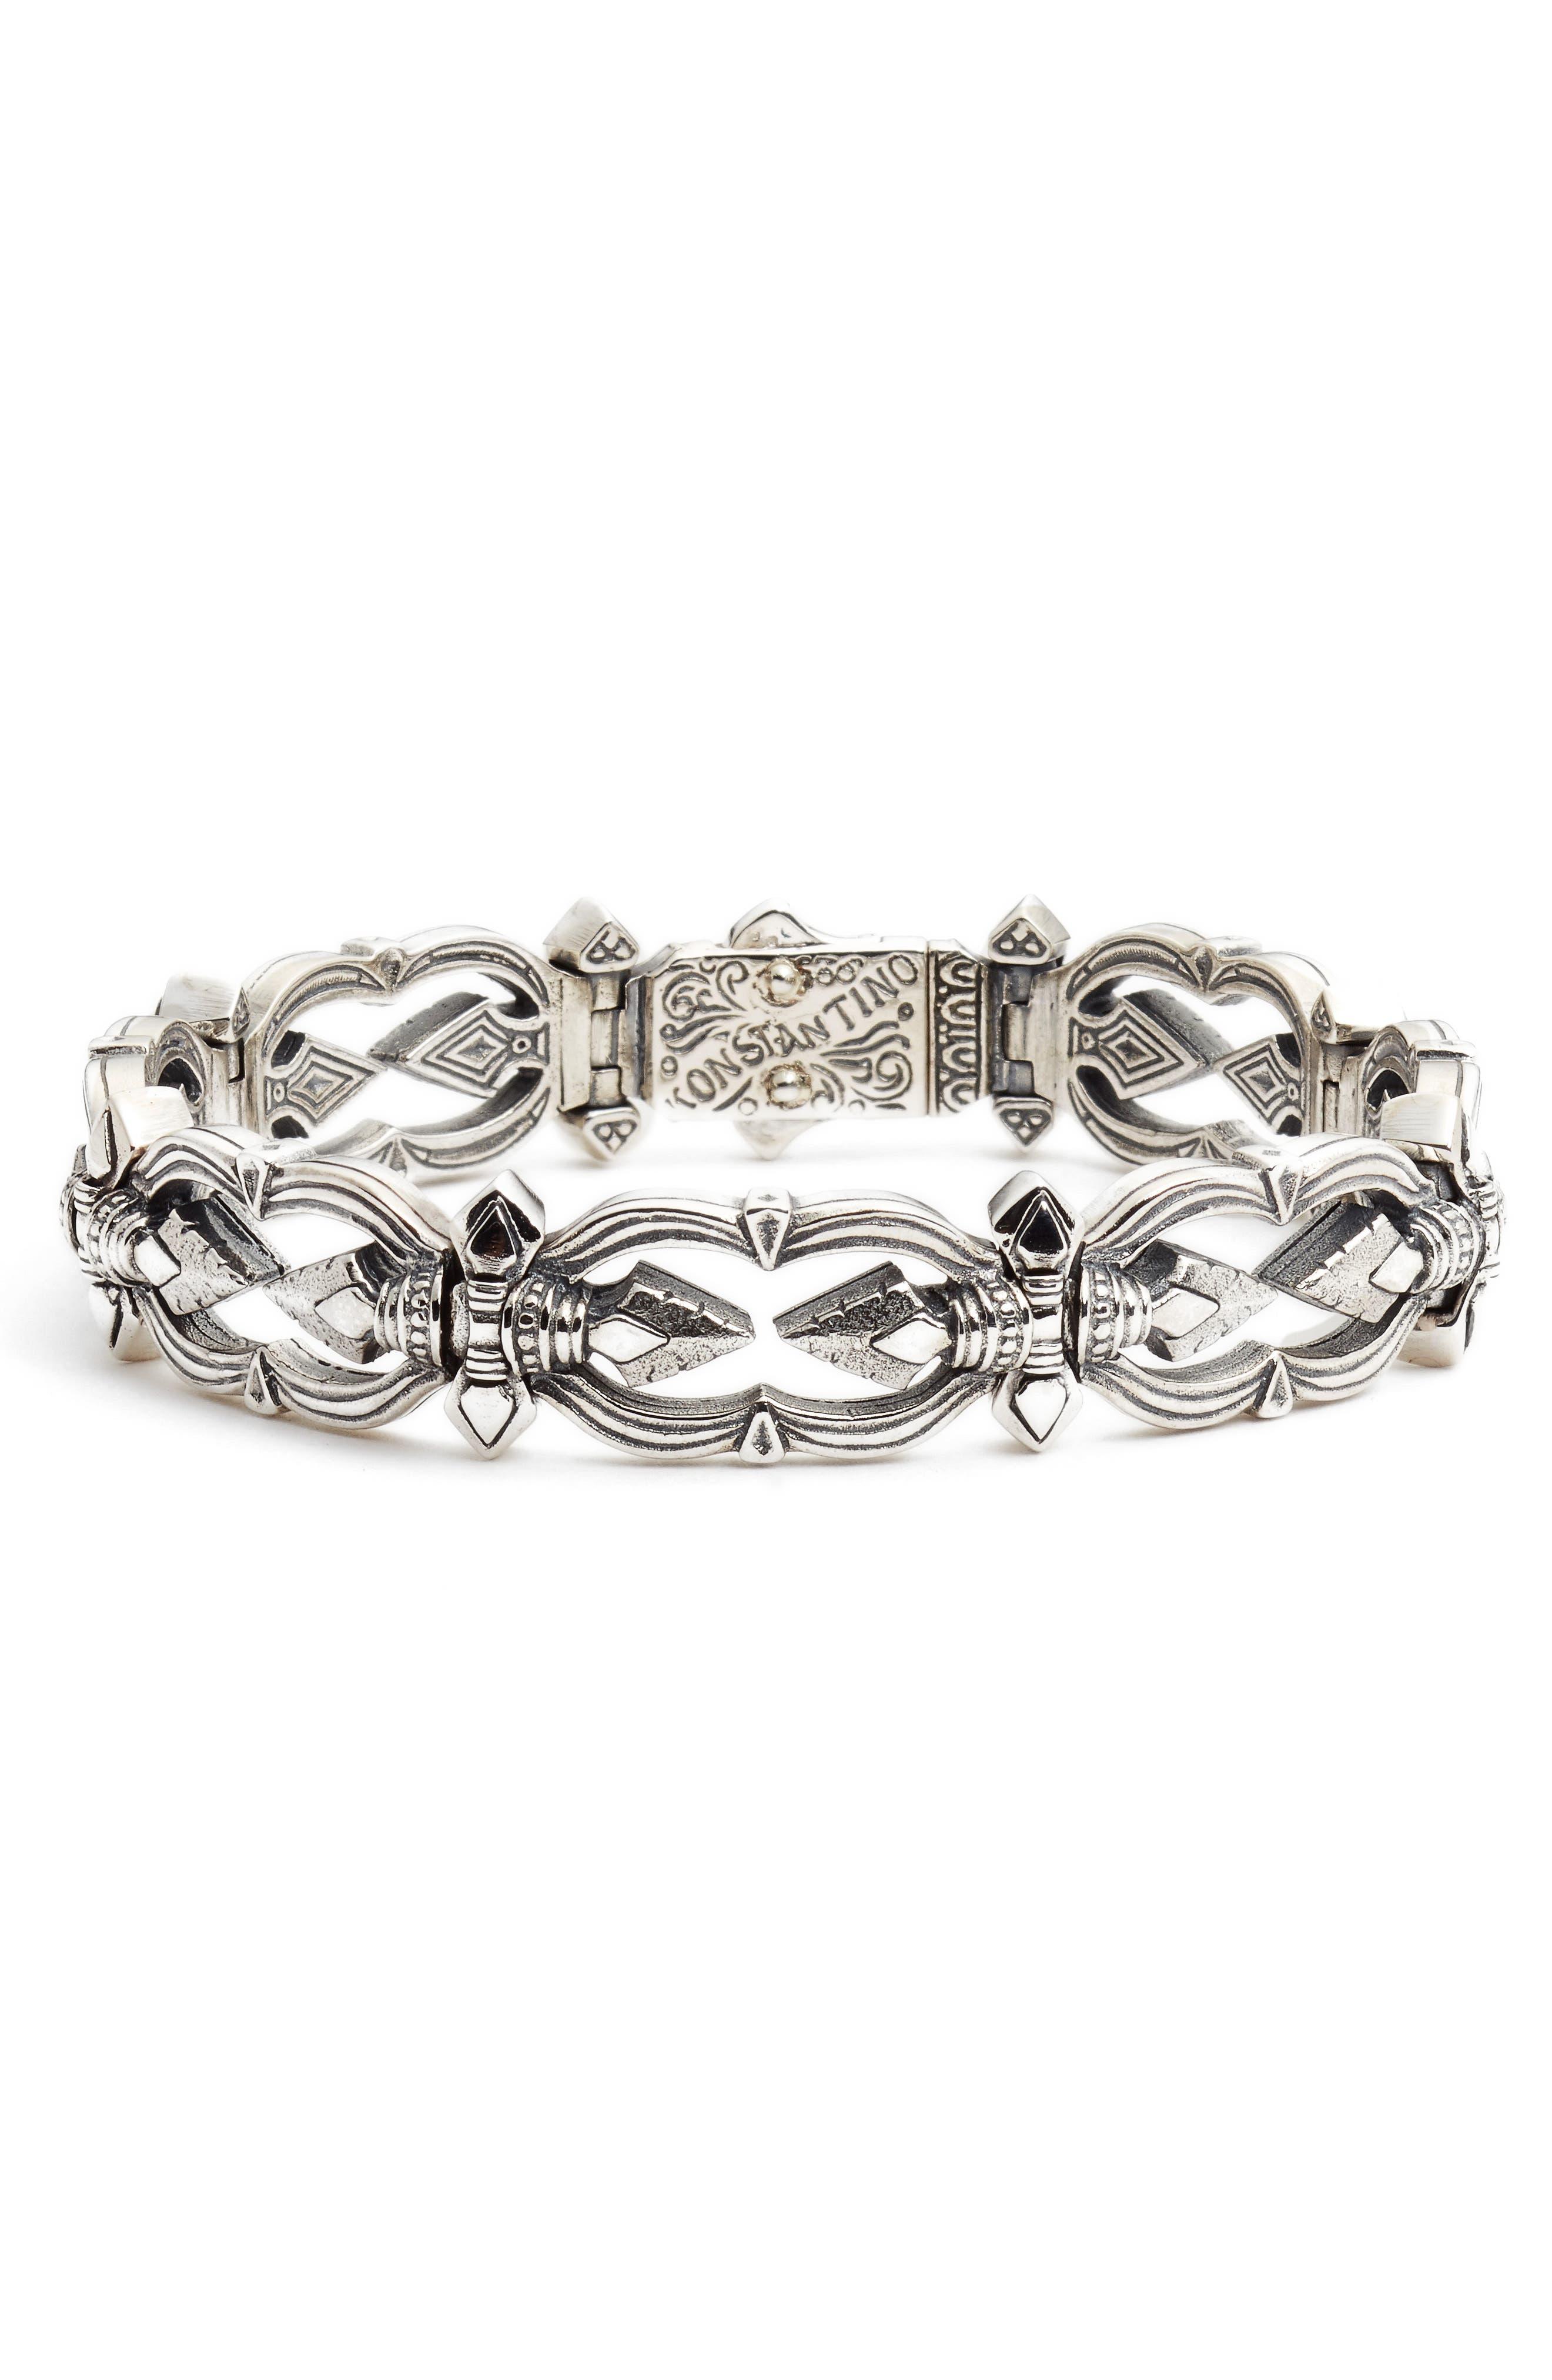 Heonos Men's Bracelet,                         Main,                         color, SILVER